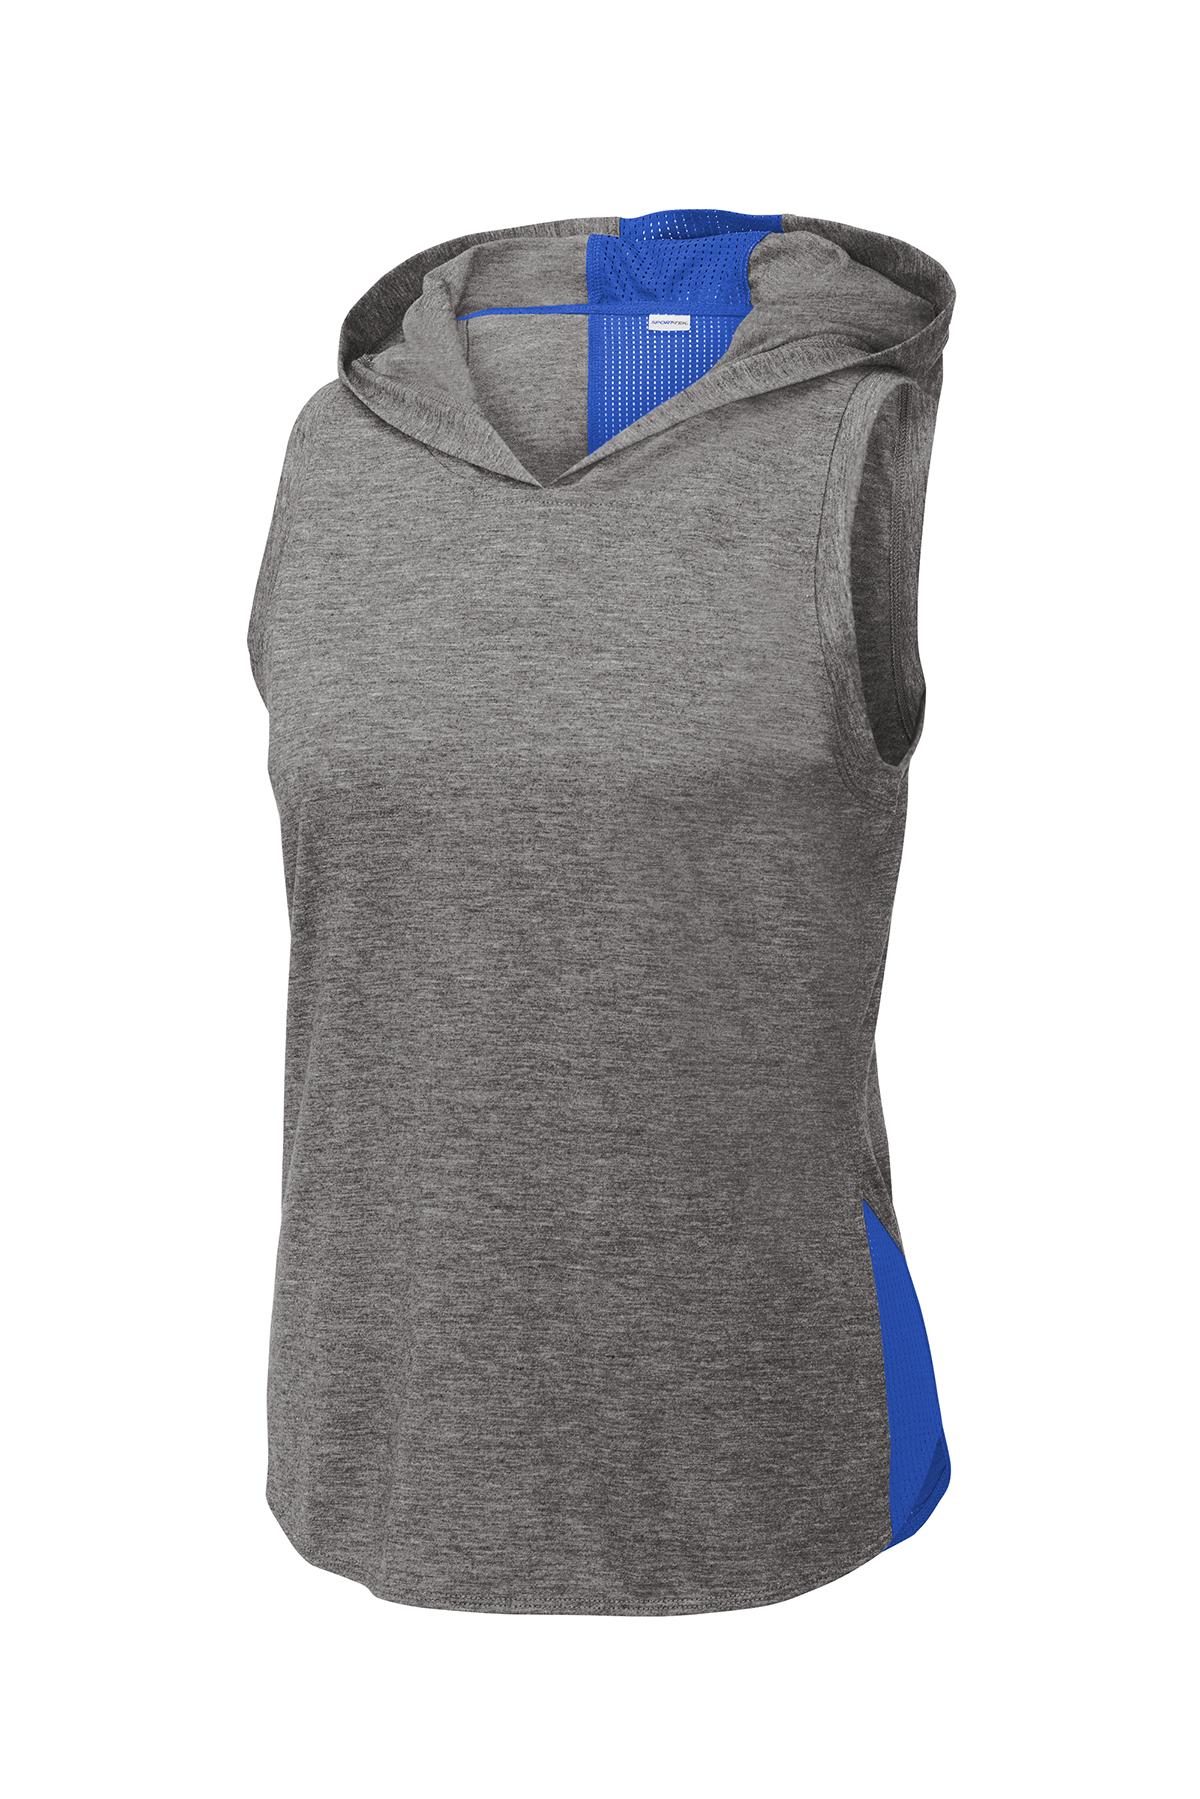 Sport-Tek ® LST410 - Ladies PosiCharge ® Tri-Blend Wicking Draft Hoodie Tank